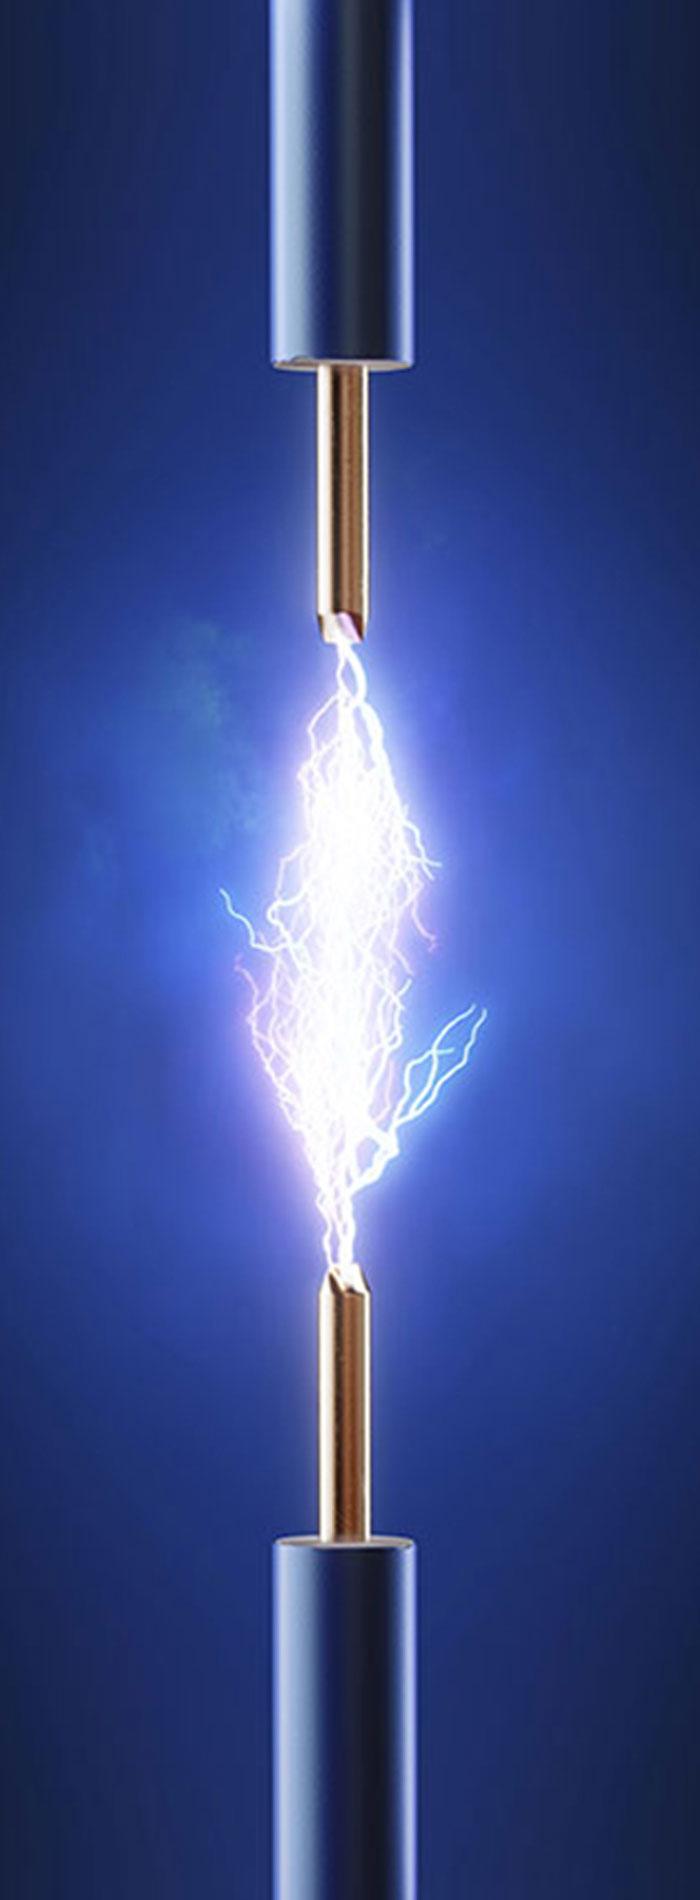 Dos cables unidos por un rayo de electricidad que identifican los equipos de medida eléctrica